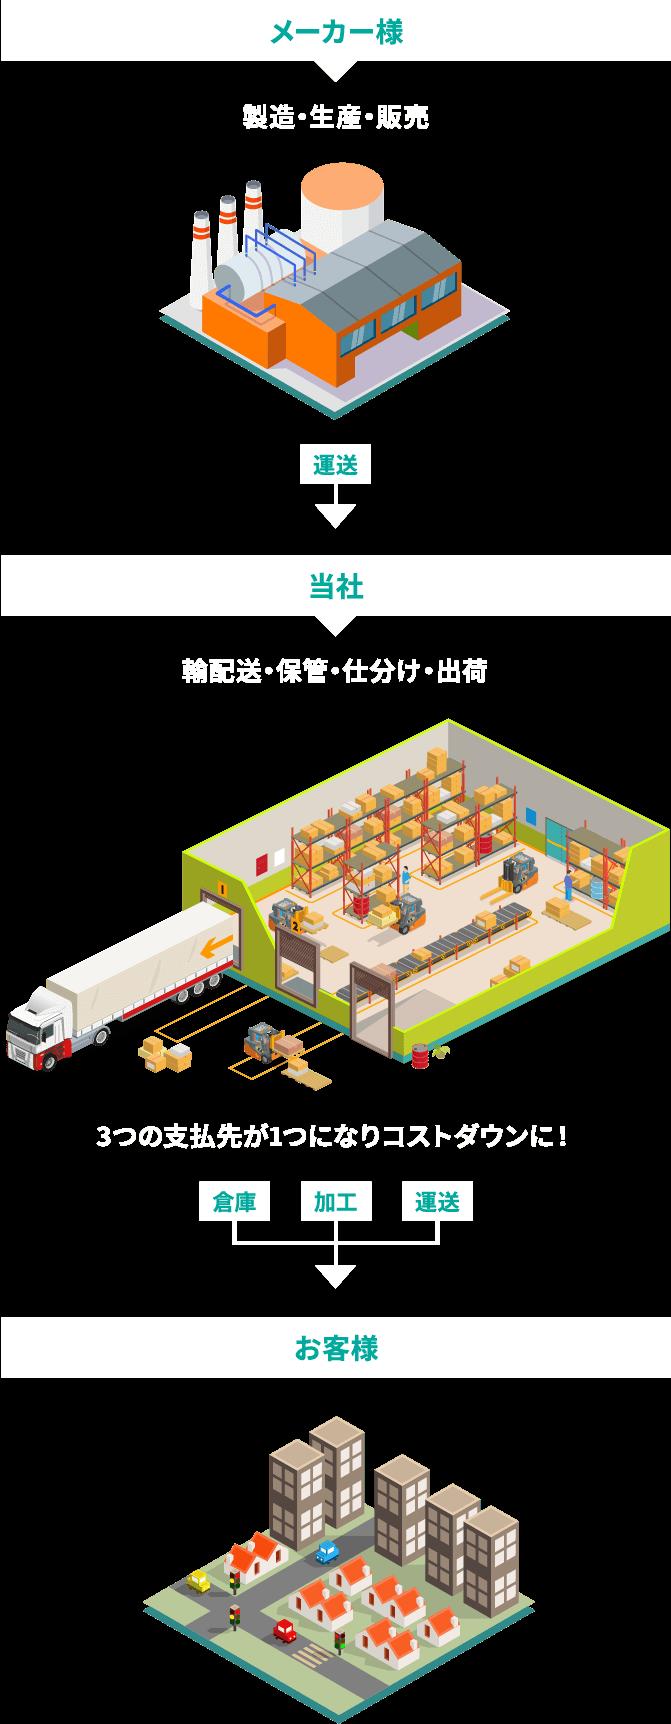 メーカー様:製造・生産・販売  当社:輸配送・保管・仕分け・出荷 お客様:3つの支払先が1つになりコストダウンに!